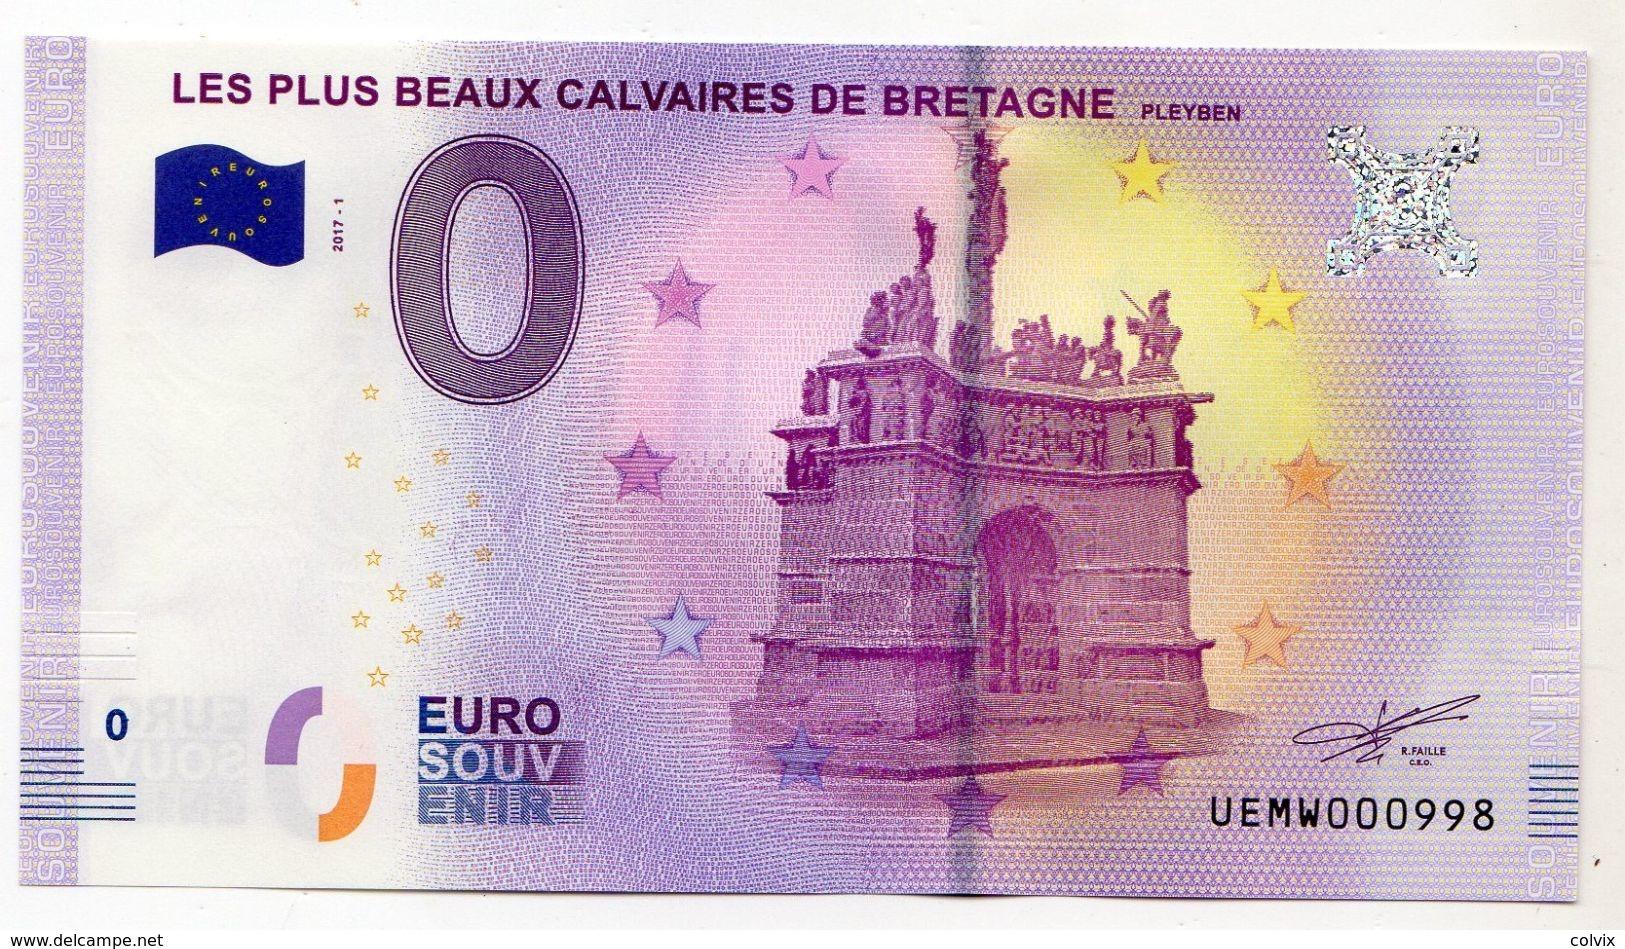 2017-1 BILLET TOURISTIQUE 0 EURO SOUVENIR N°UEBW000998 LES PLUS BEAUX CALVAIRESDE BRETAGNE Numéro < à 1000 - Private Proofs / Unofficial